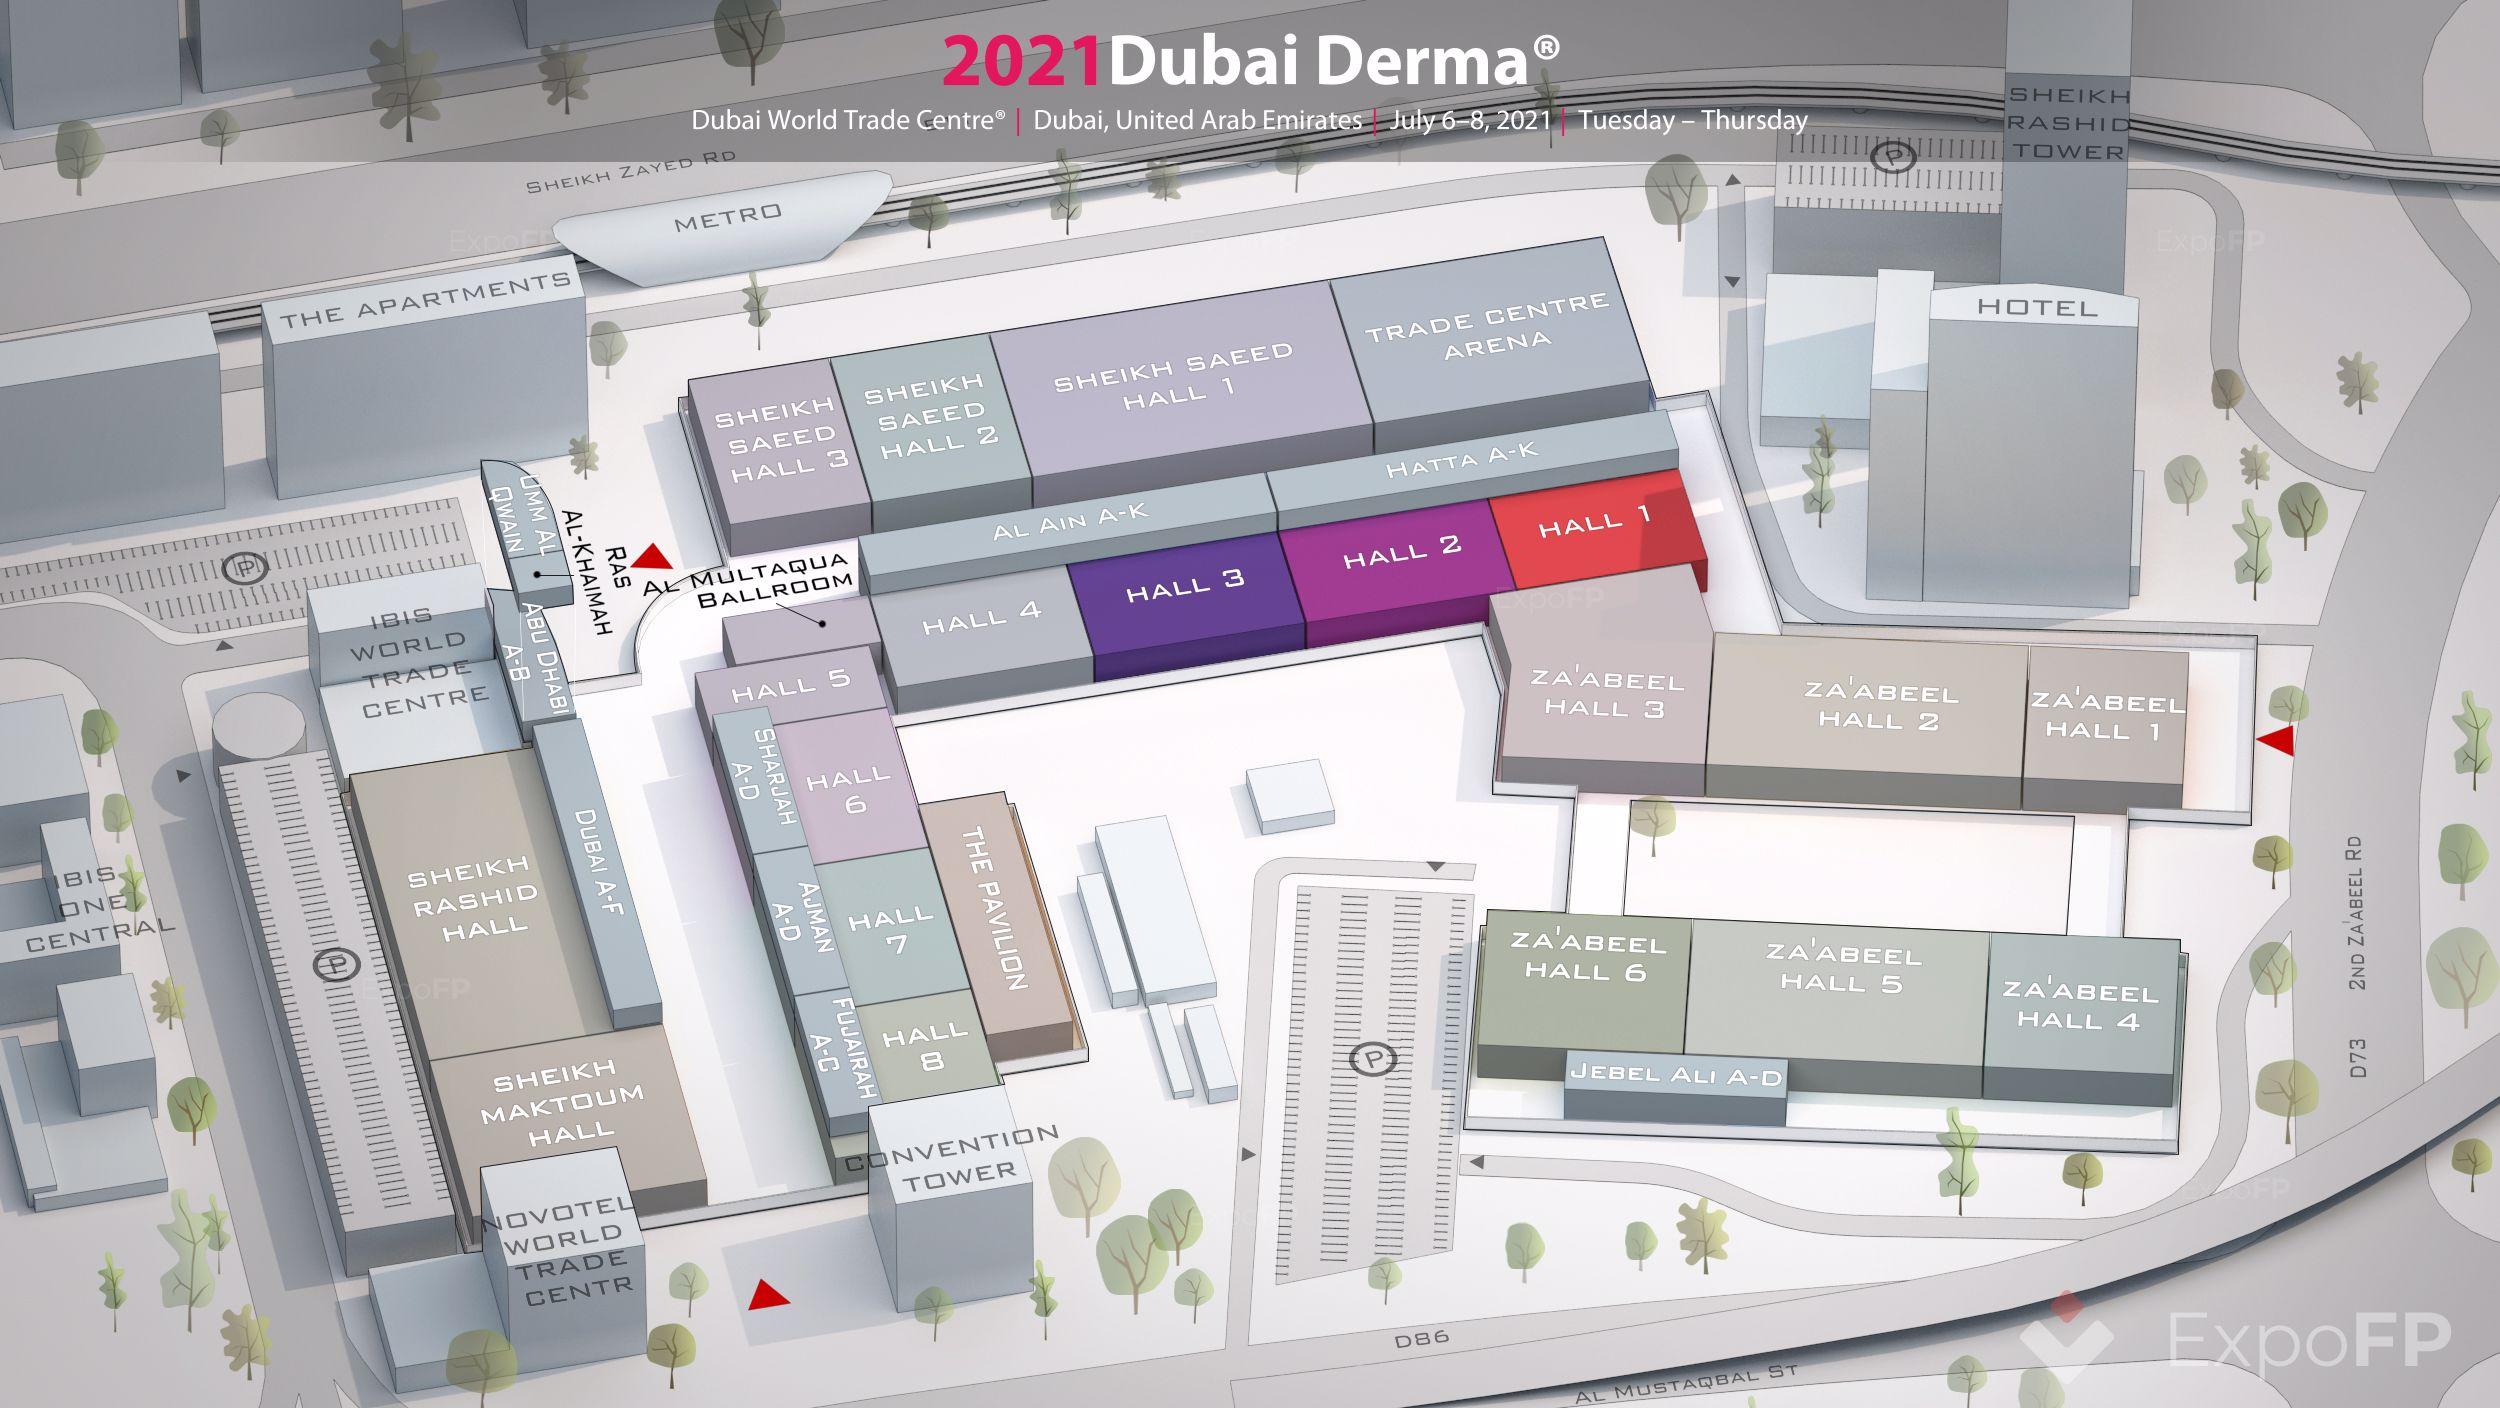 Dubai Derma 2021 In Dubai World Trade Centre